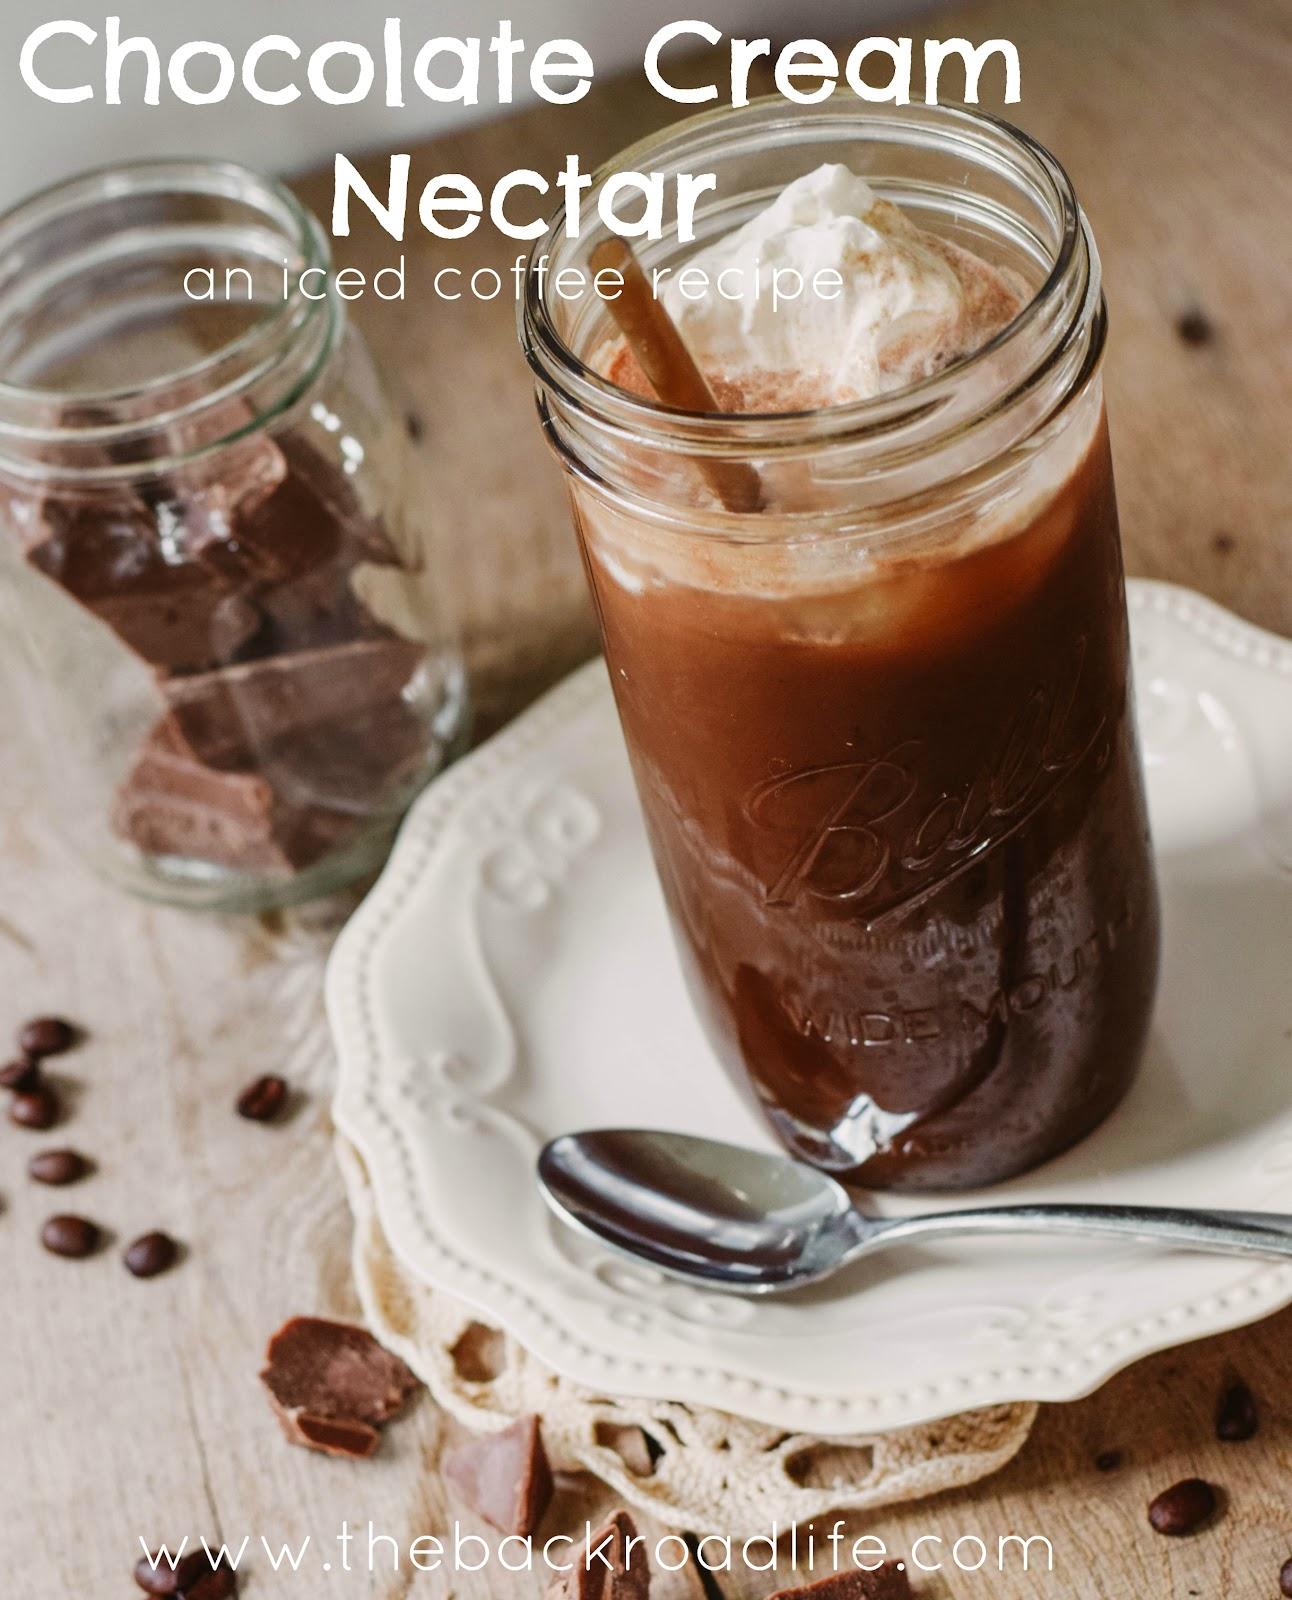 chocolate cream nectar.jpg